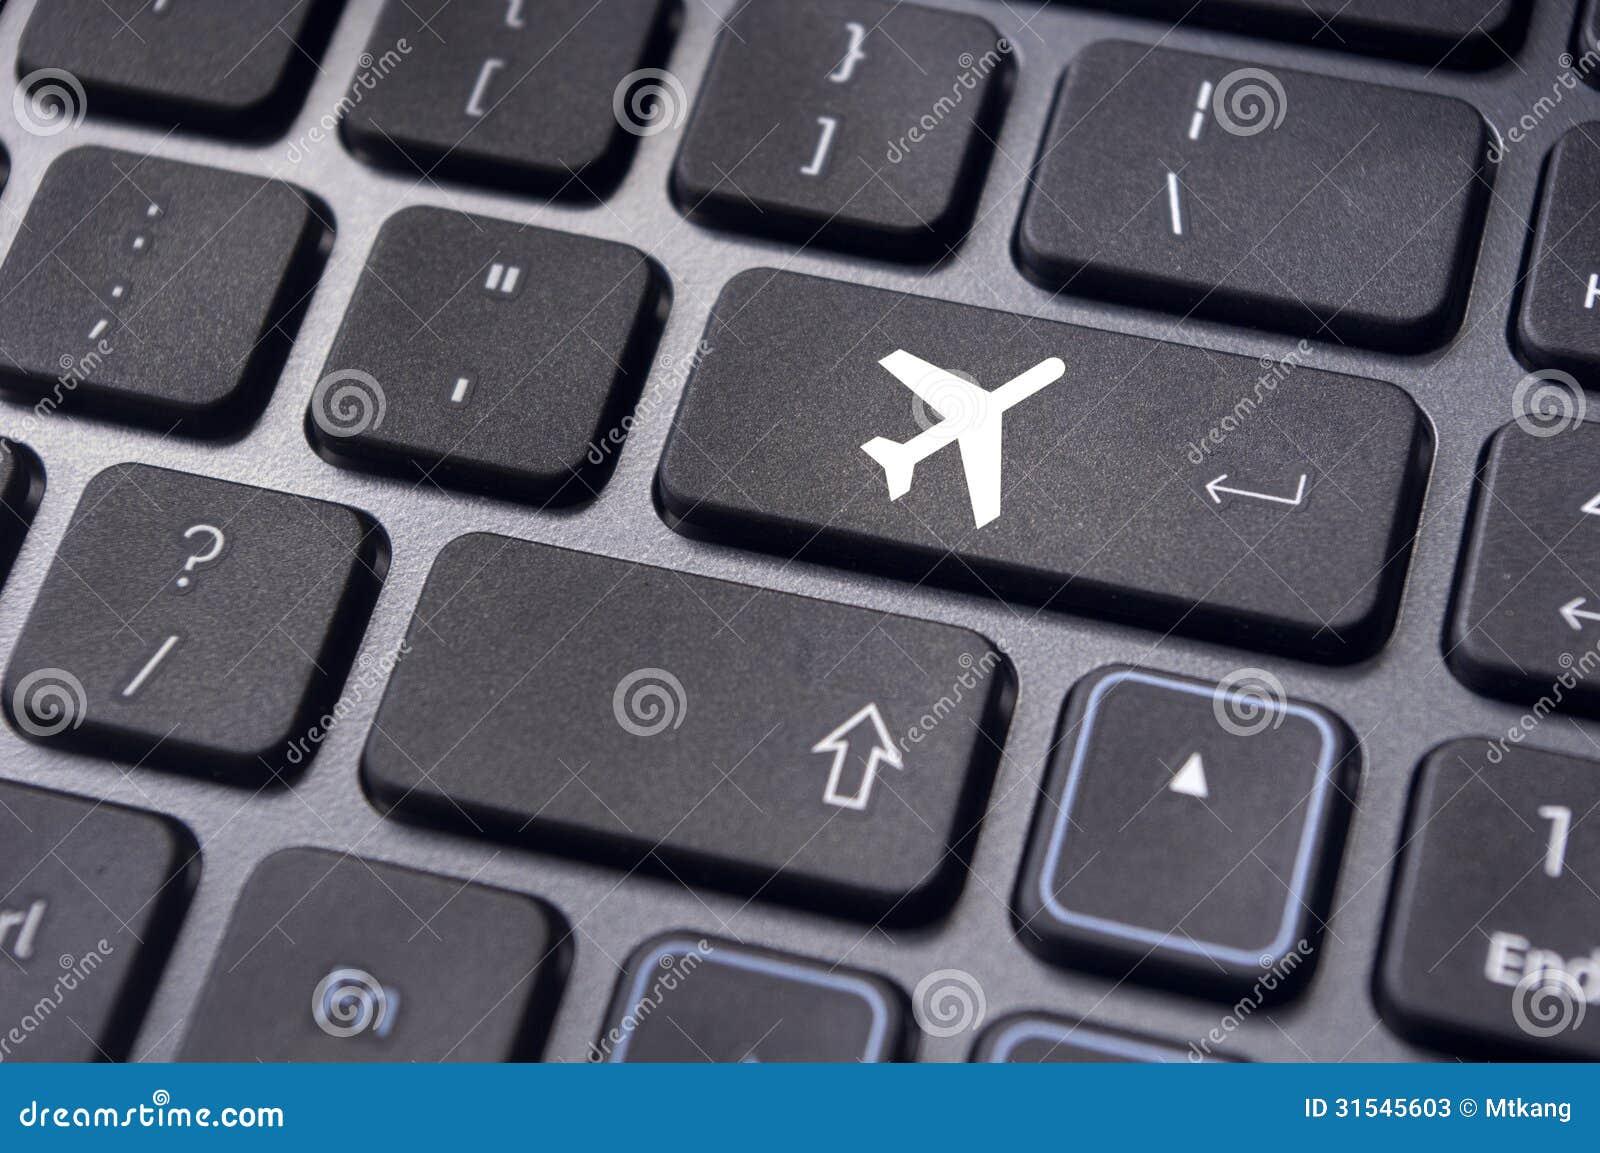 Поиск дешевых авиабилетов: авиа билеты на самолет дешево